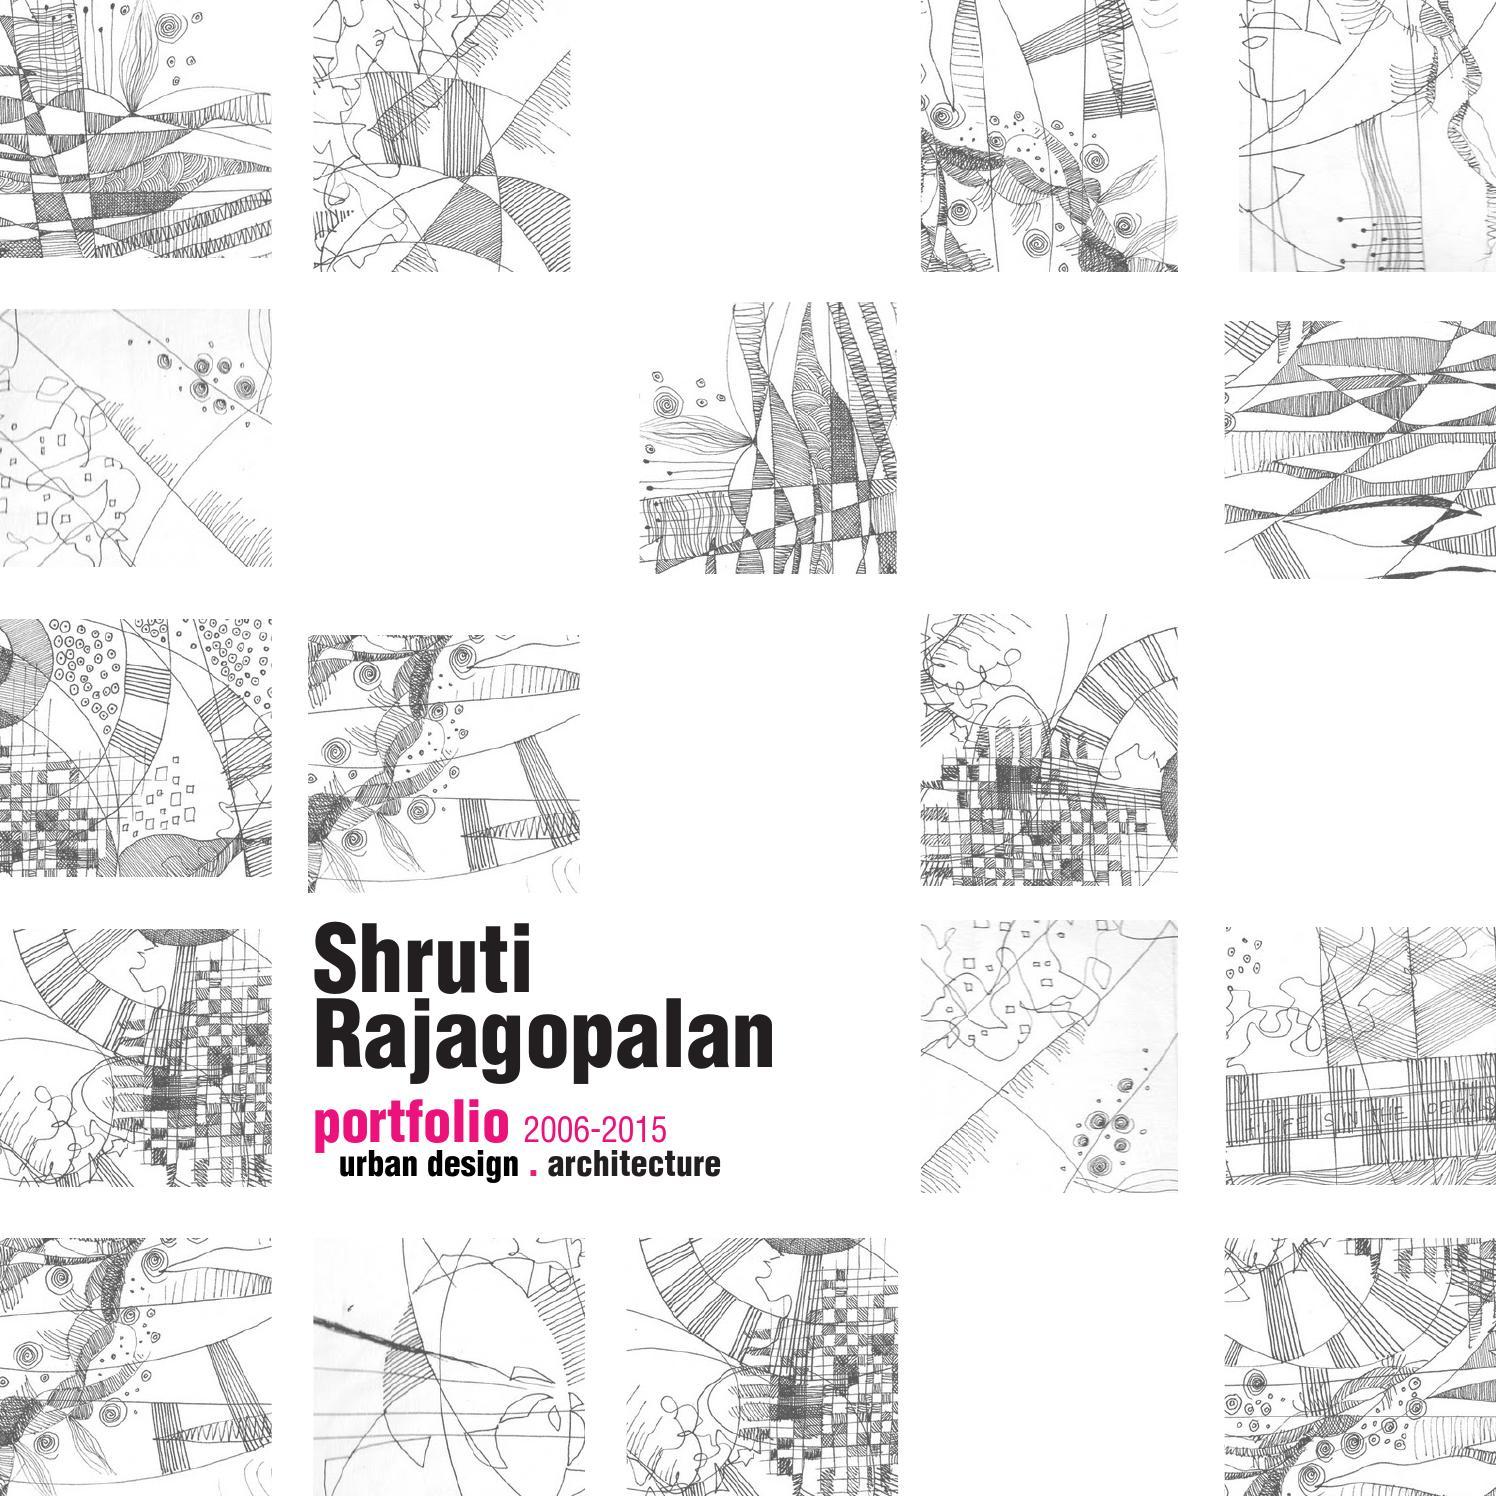 Urban Design + Architecture Portfolio